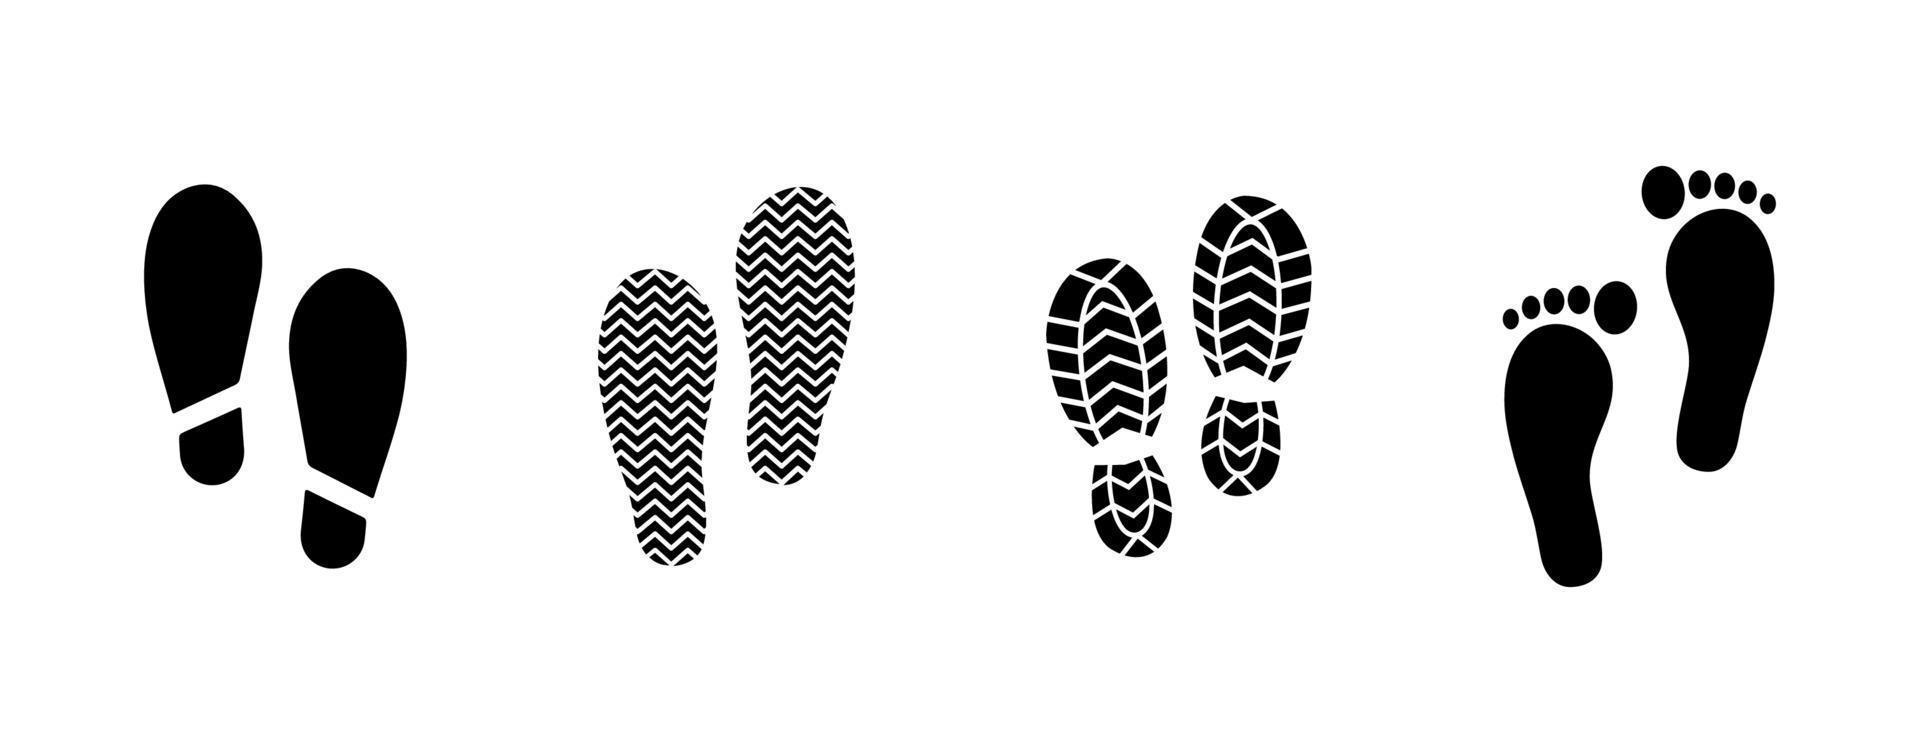 conjunto de ícones de pegada - ilustração vetorial. vetor